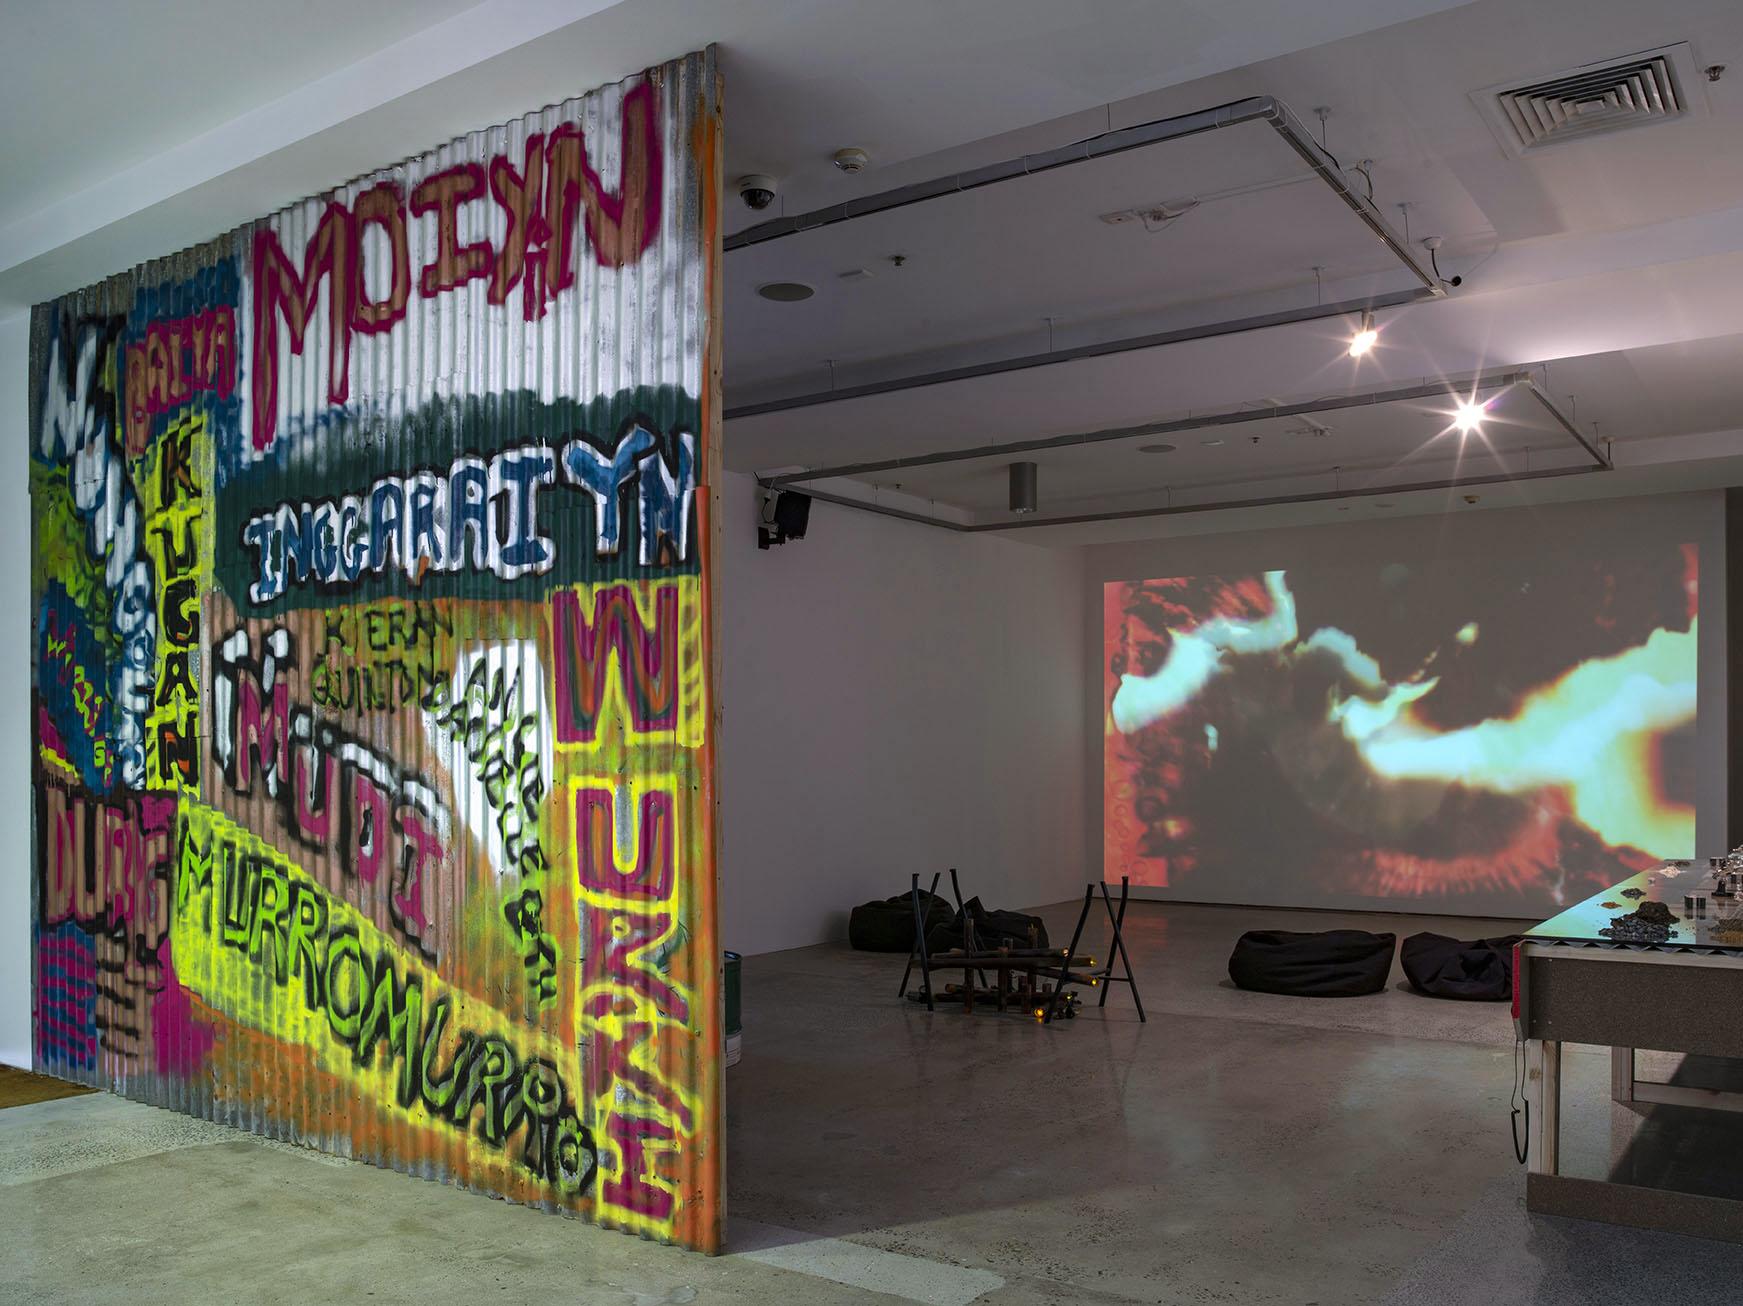 Karrabing Film Collective_The Mermaids_Mirror Worlds_Installation view IMA Brisbane_Photo_Carl Warner